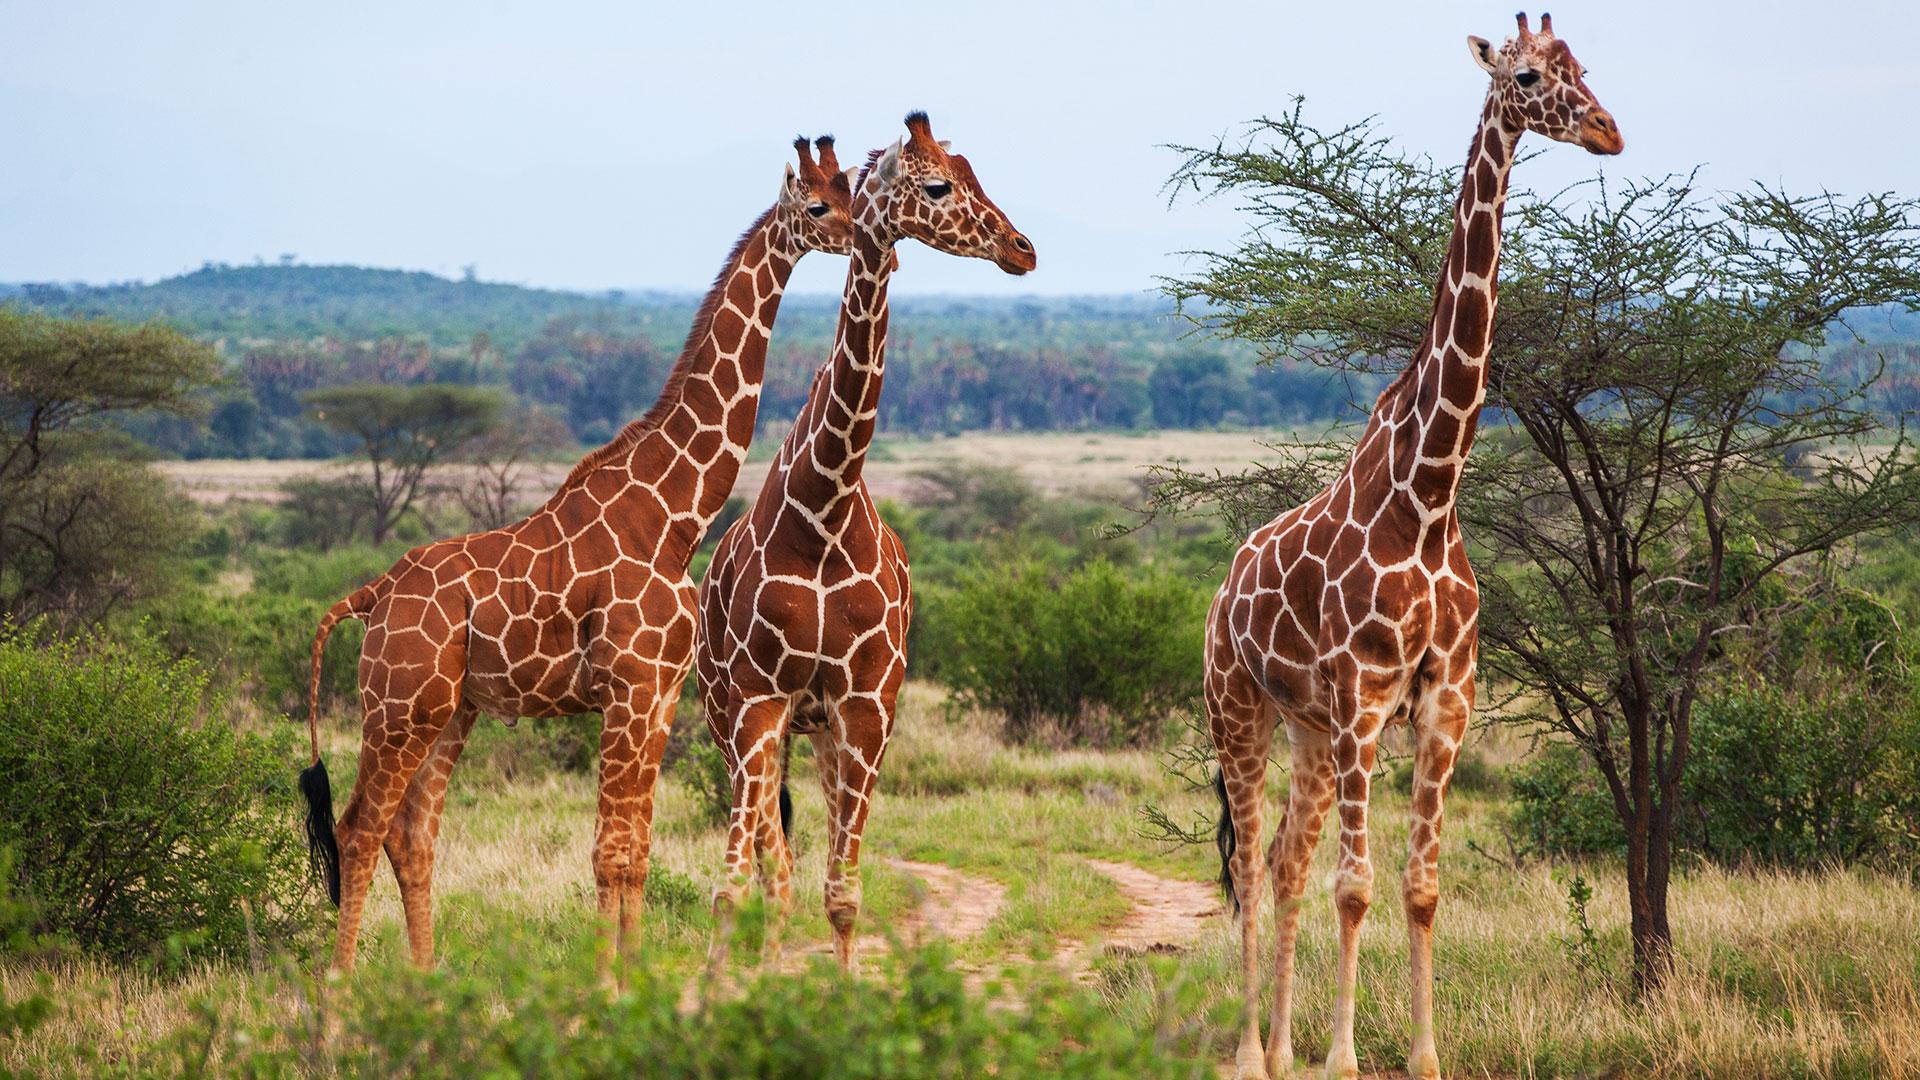 Describen una nueva especie de jirafa que vivi hace 9 for Taxonomia de la jirafa